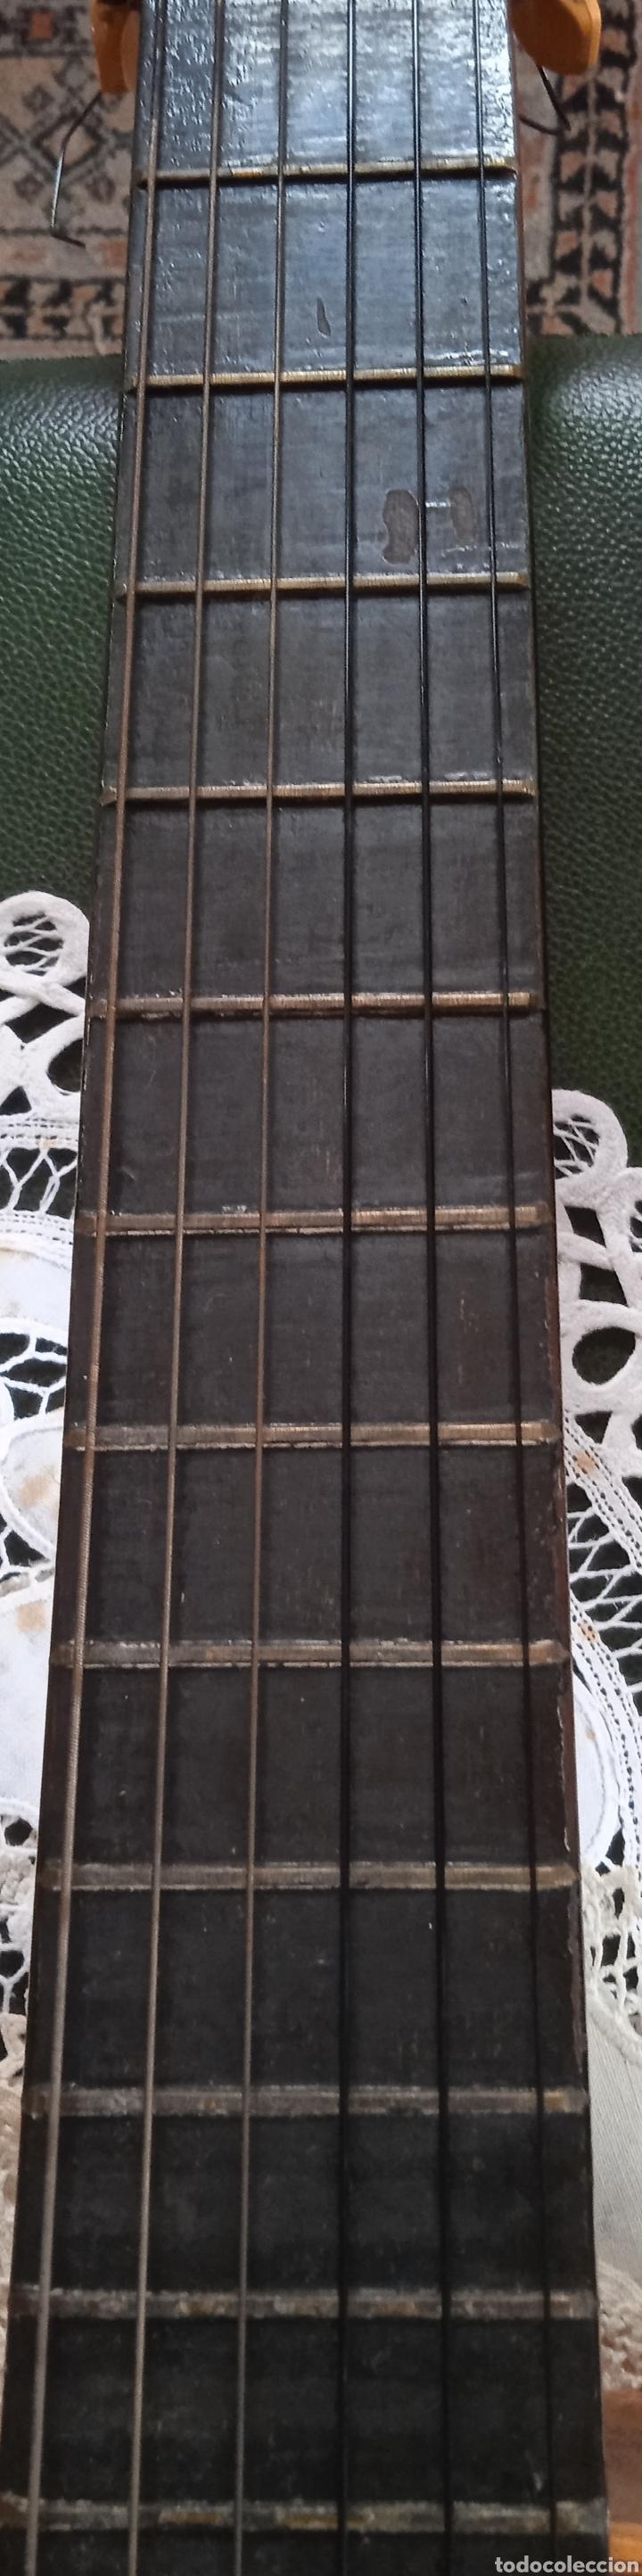 Instrumentos musicales: antigua guitarra española instrumentos musicales casa David gijon - Foto 2 - 236542885